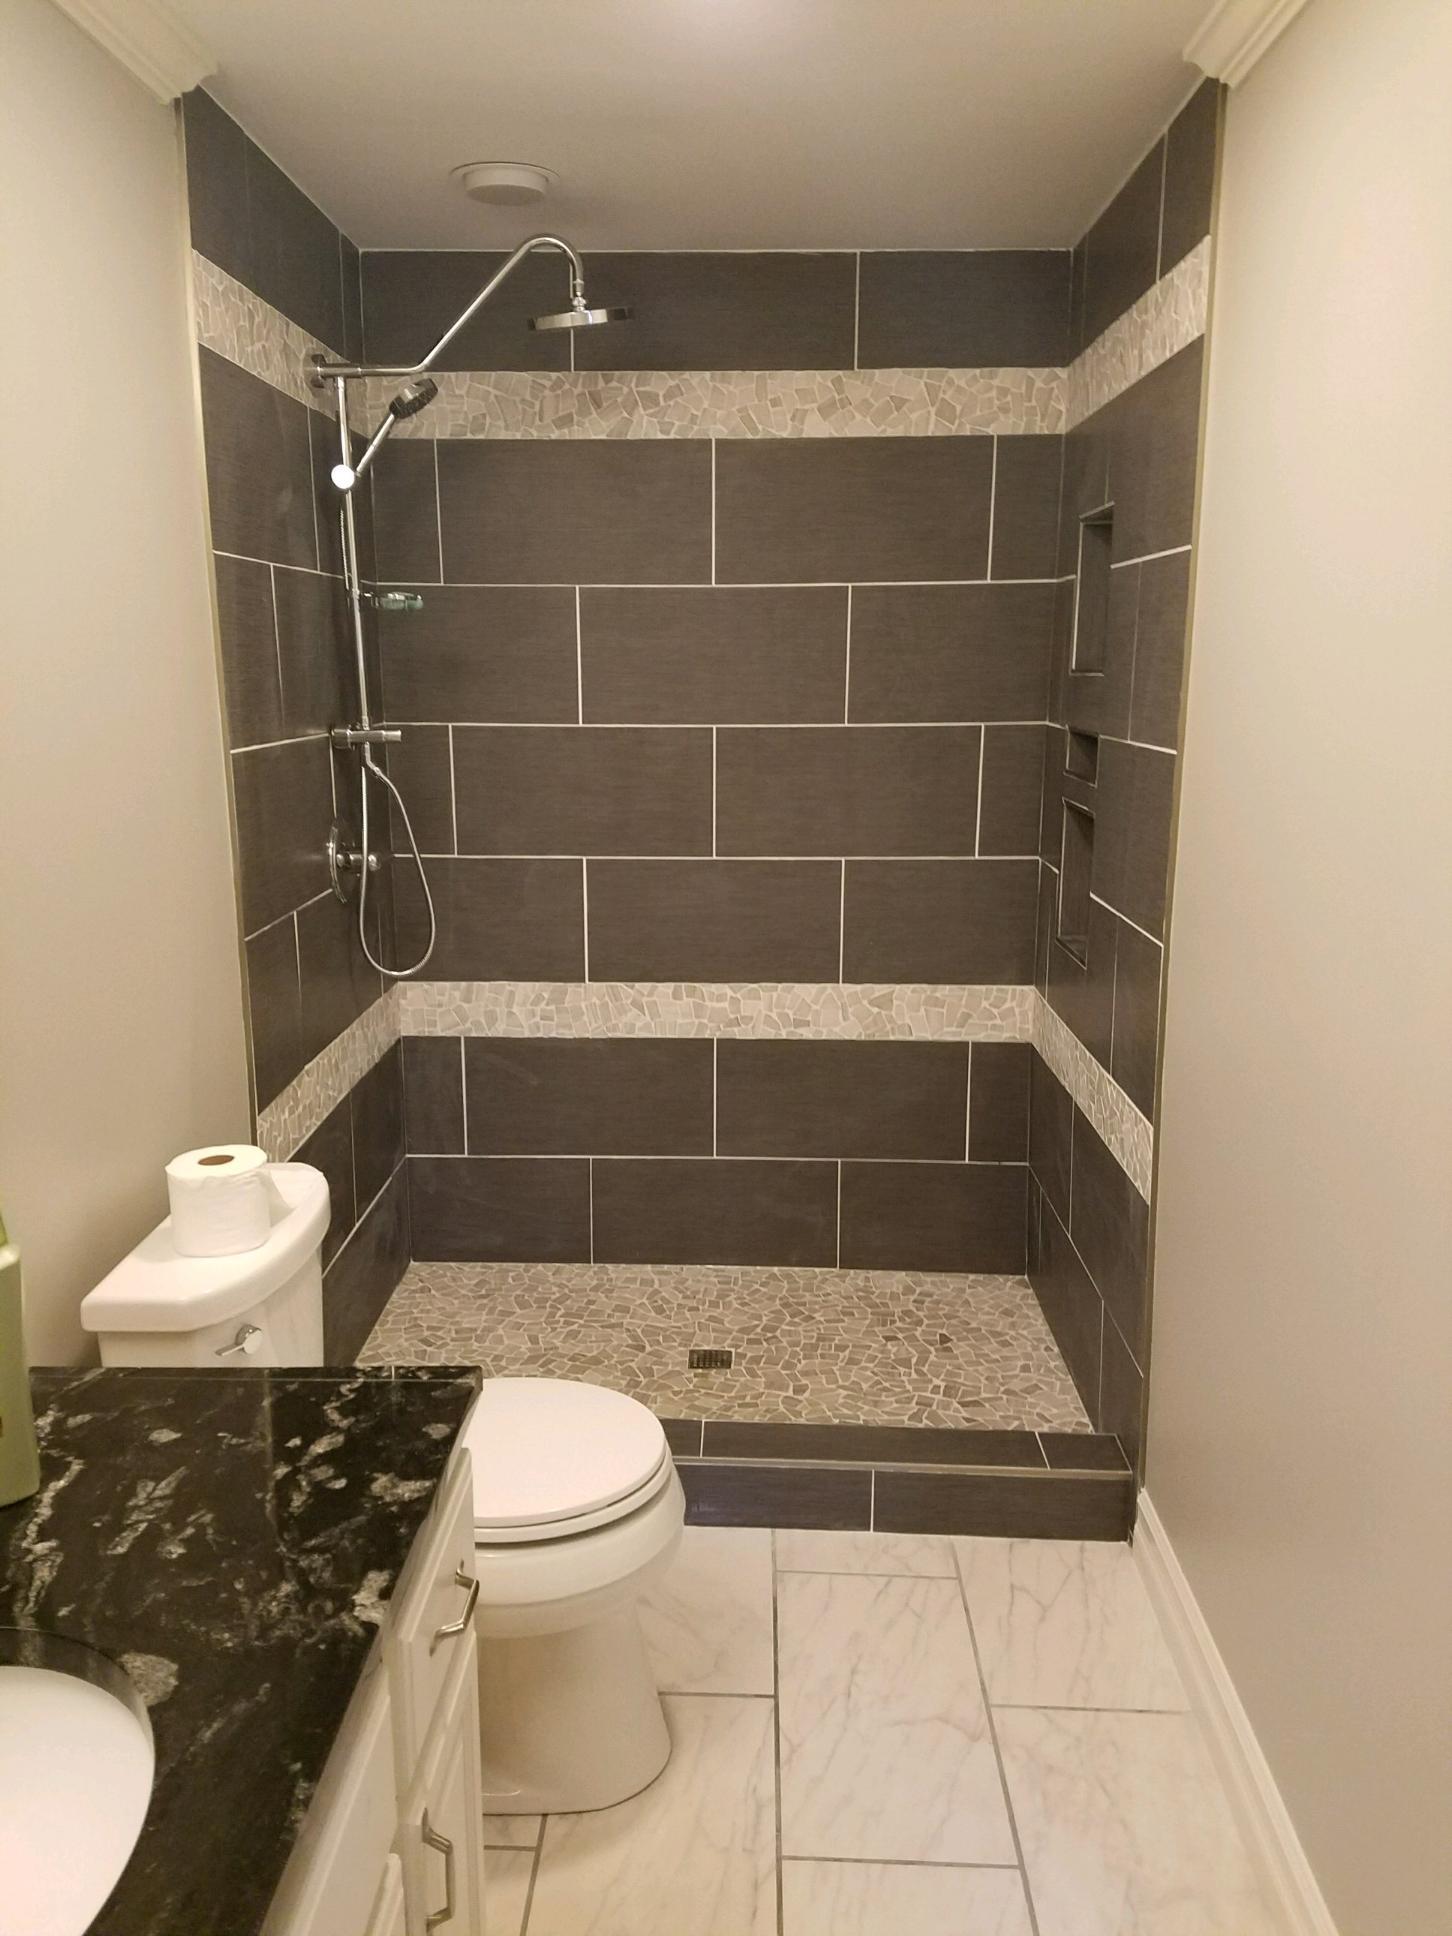 Braendel painting services bathroom remodel in buffalo Bathroom remodeling contractors buffalo ny